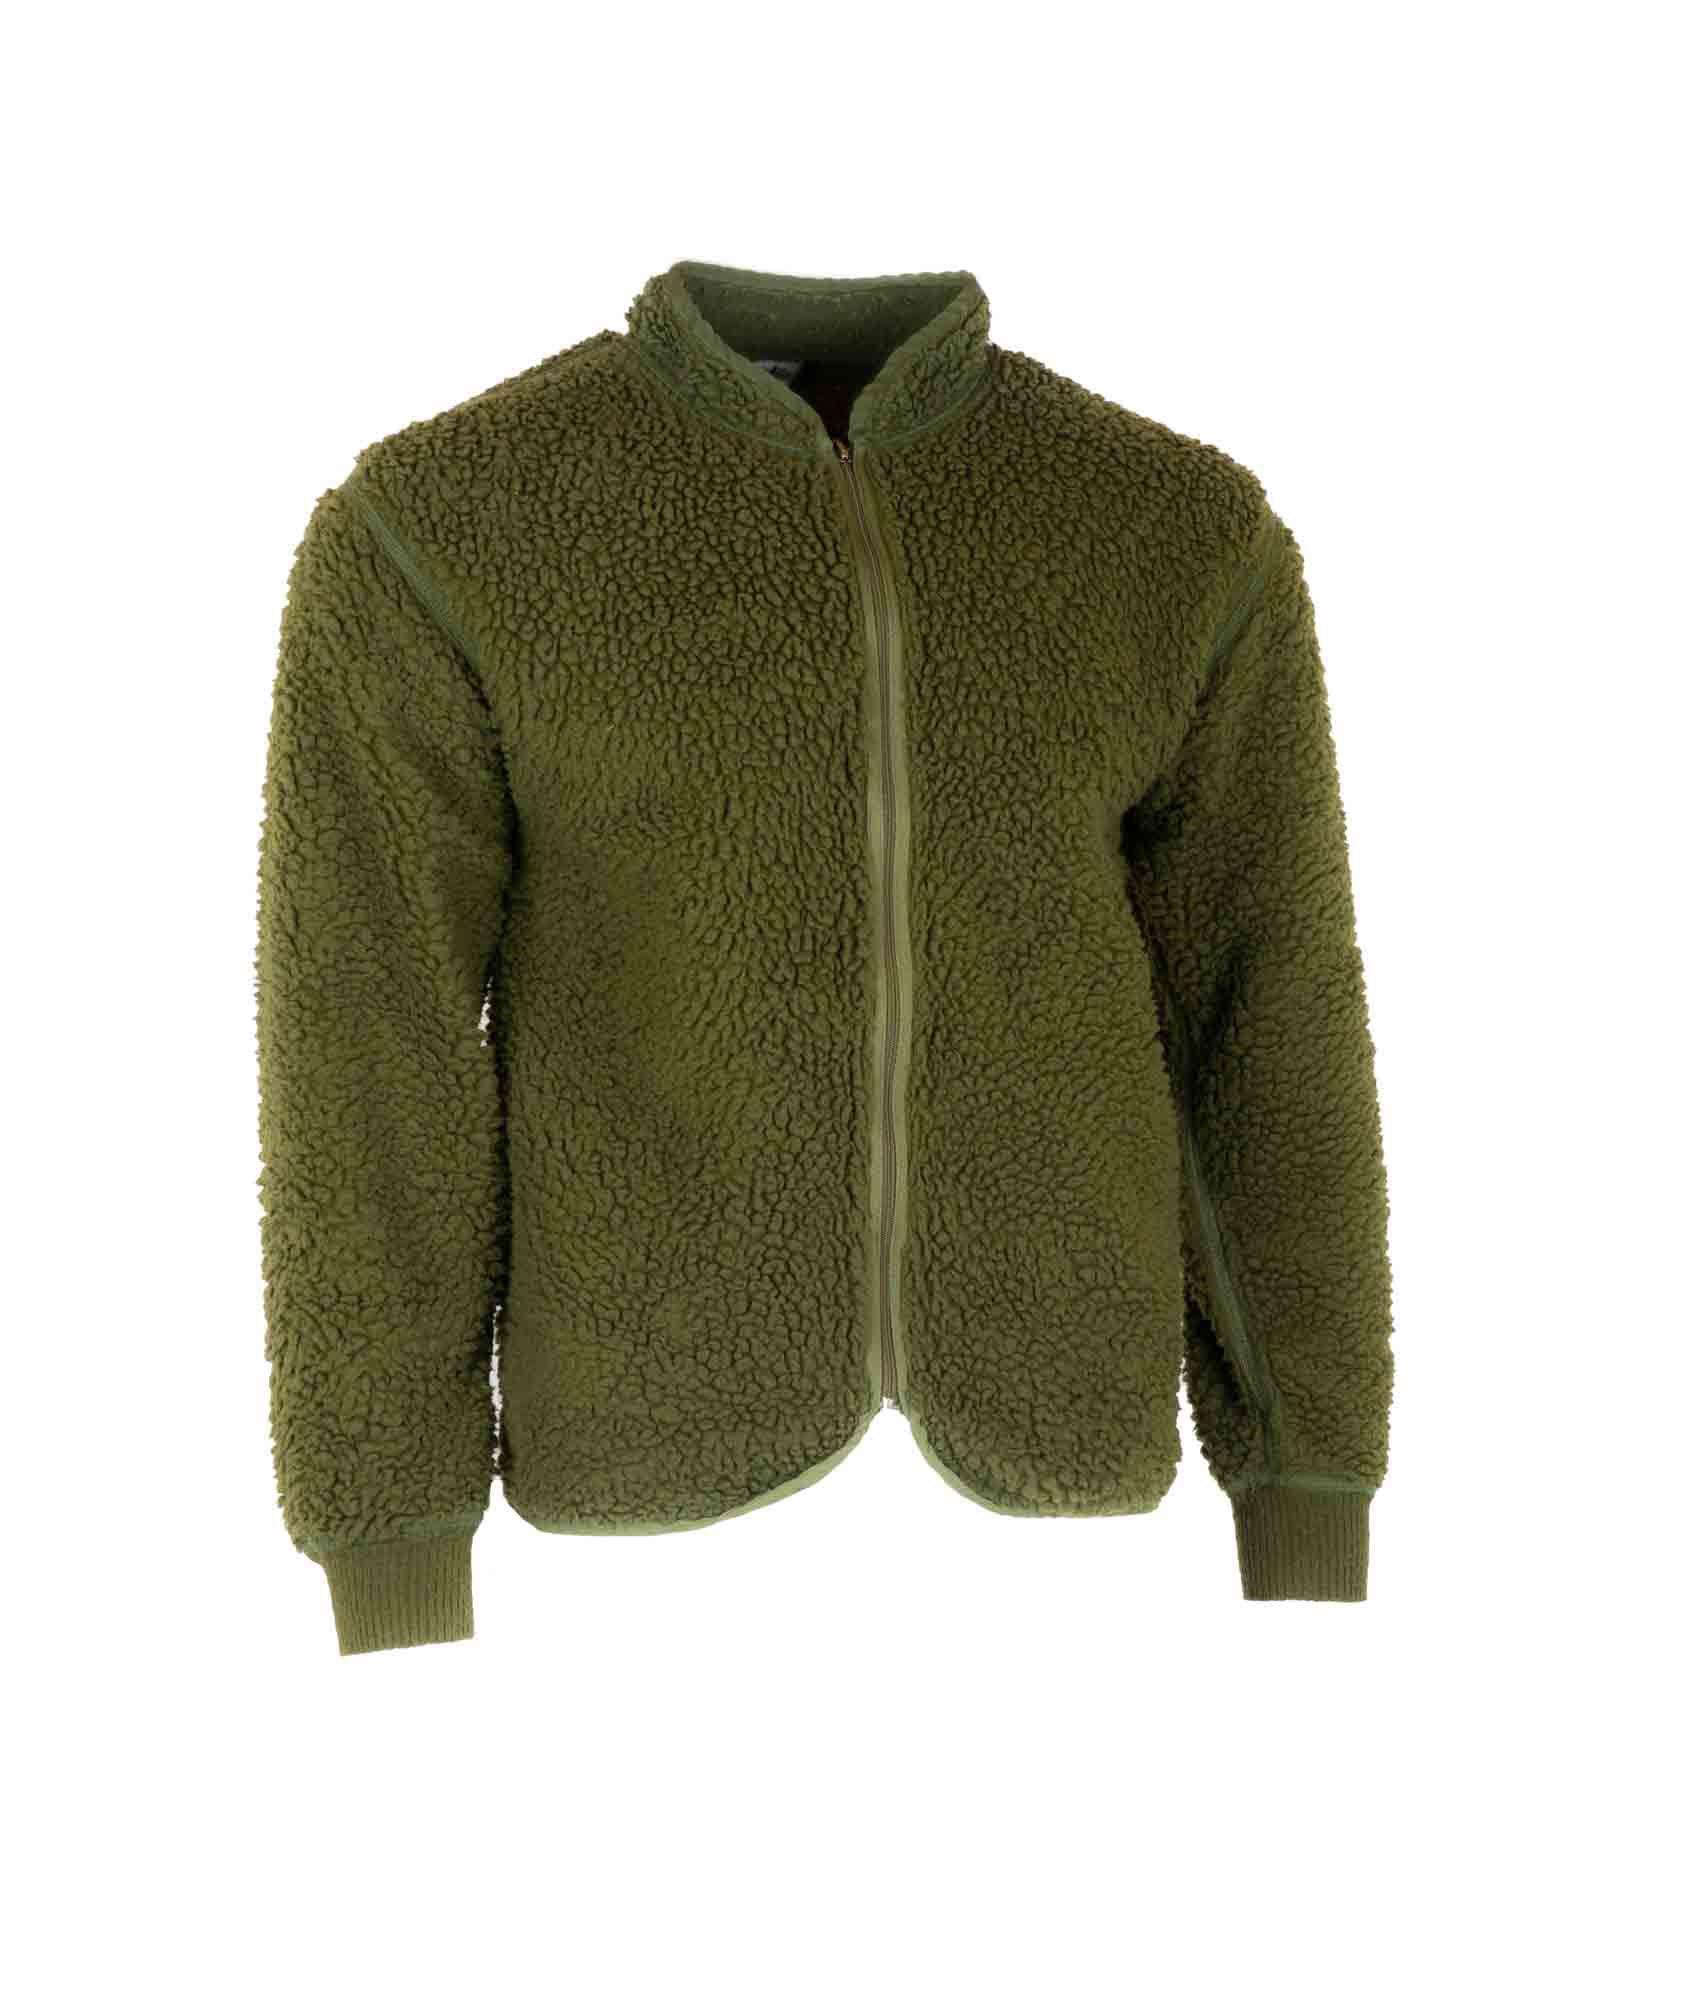 6a4ce3b81 Fiberpels jakke, original M96, brugt